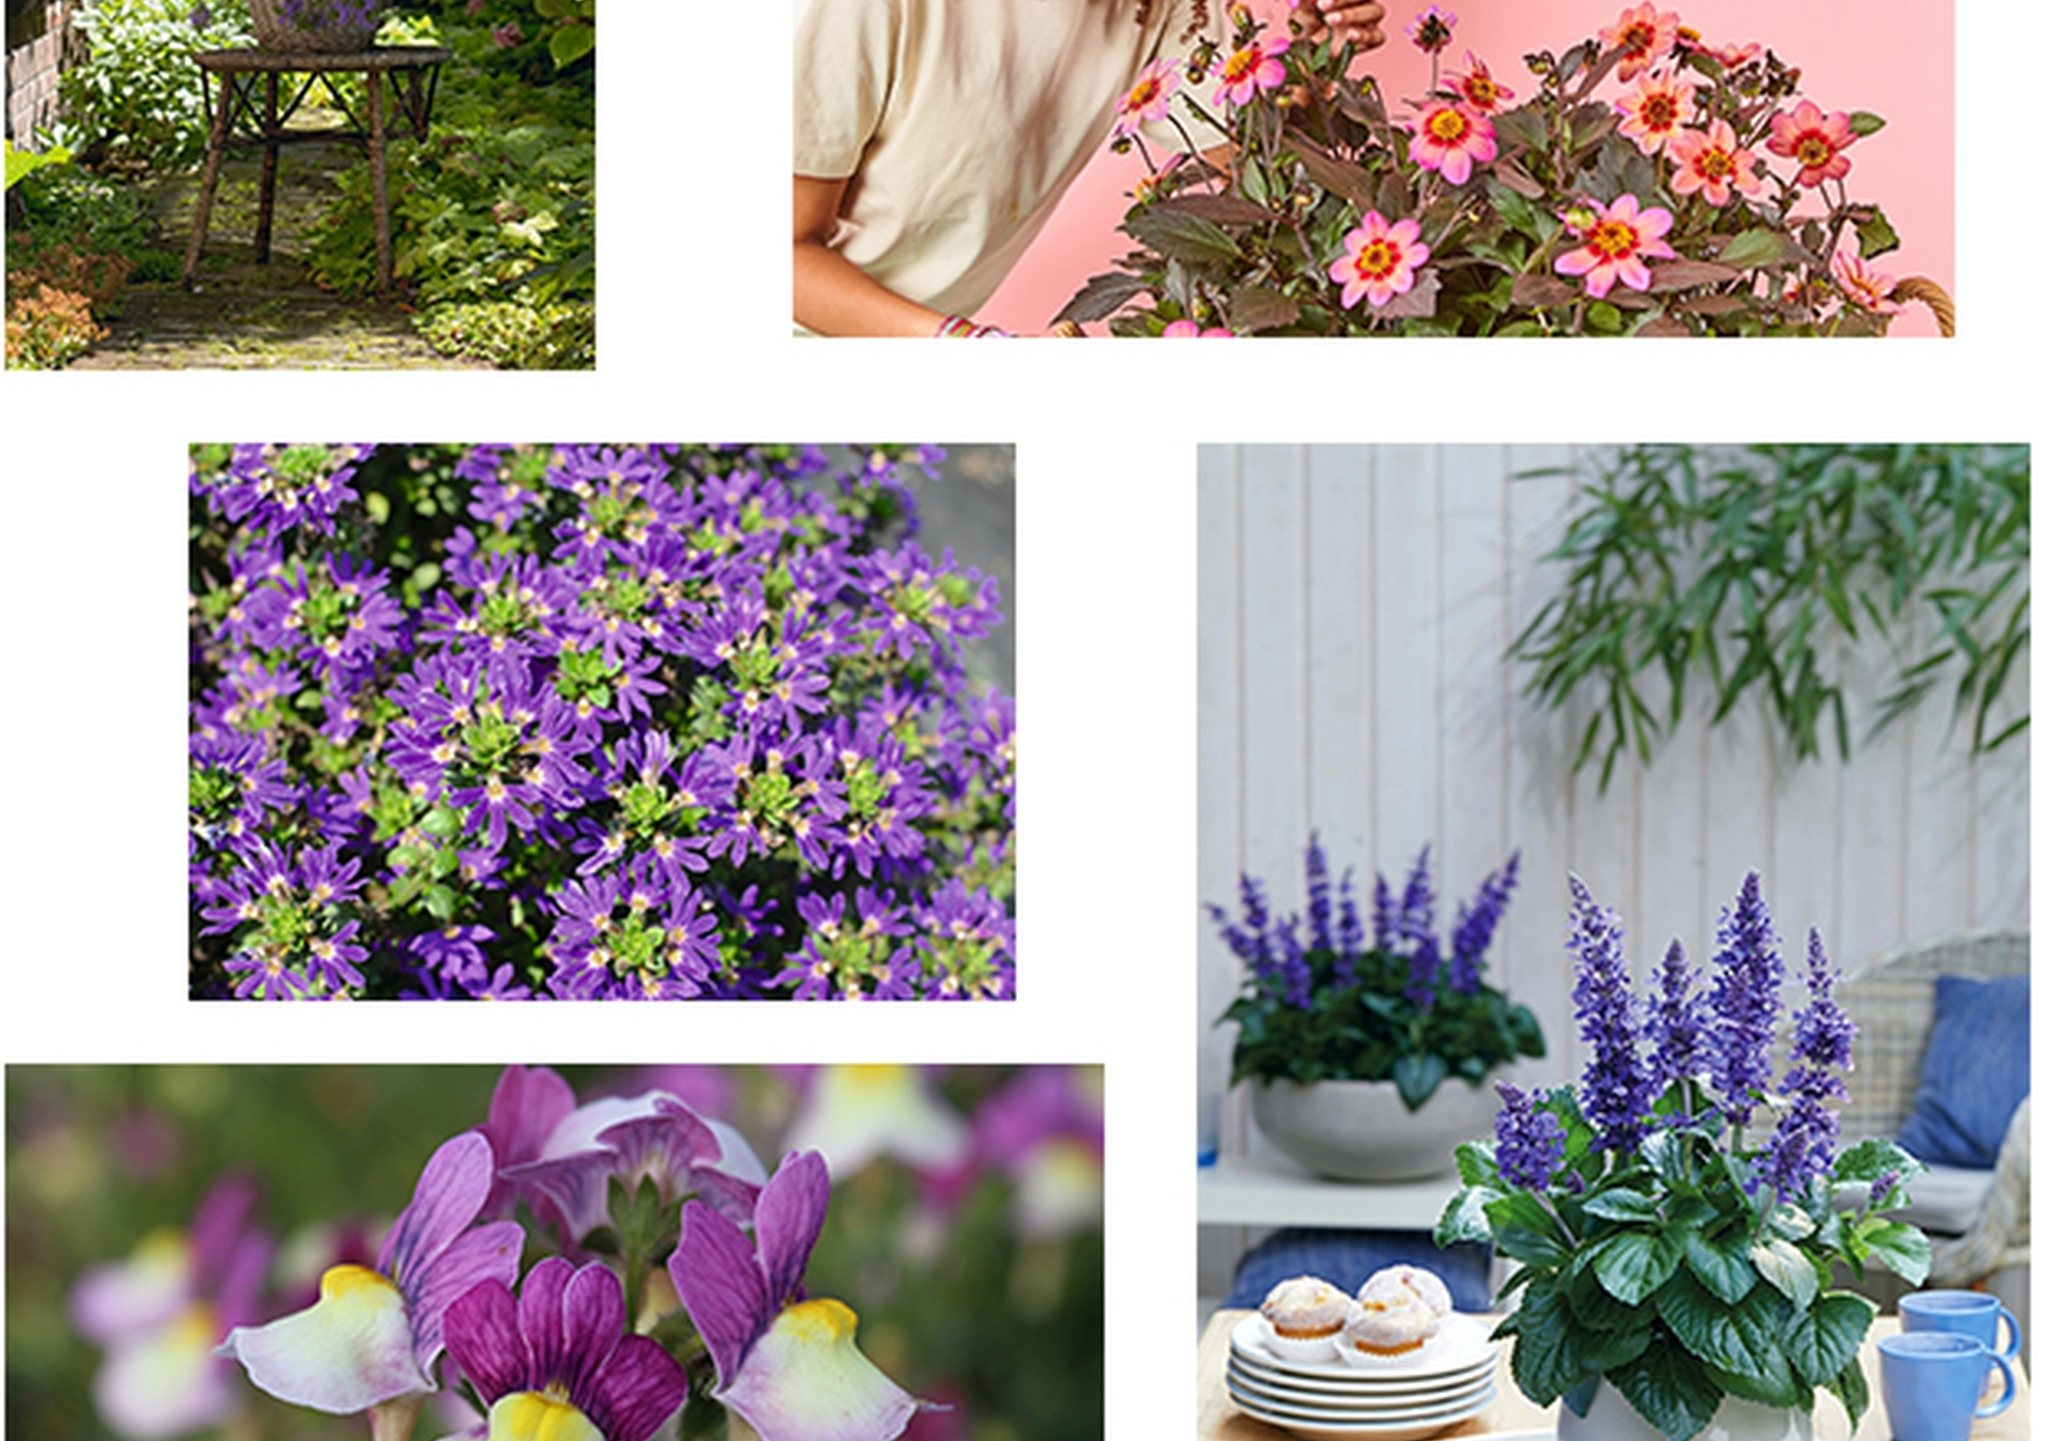 Balkonpflanzen des Jahres: Üppige Blütenpracht und Nahrungsquellen für Insekten